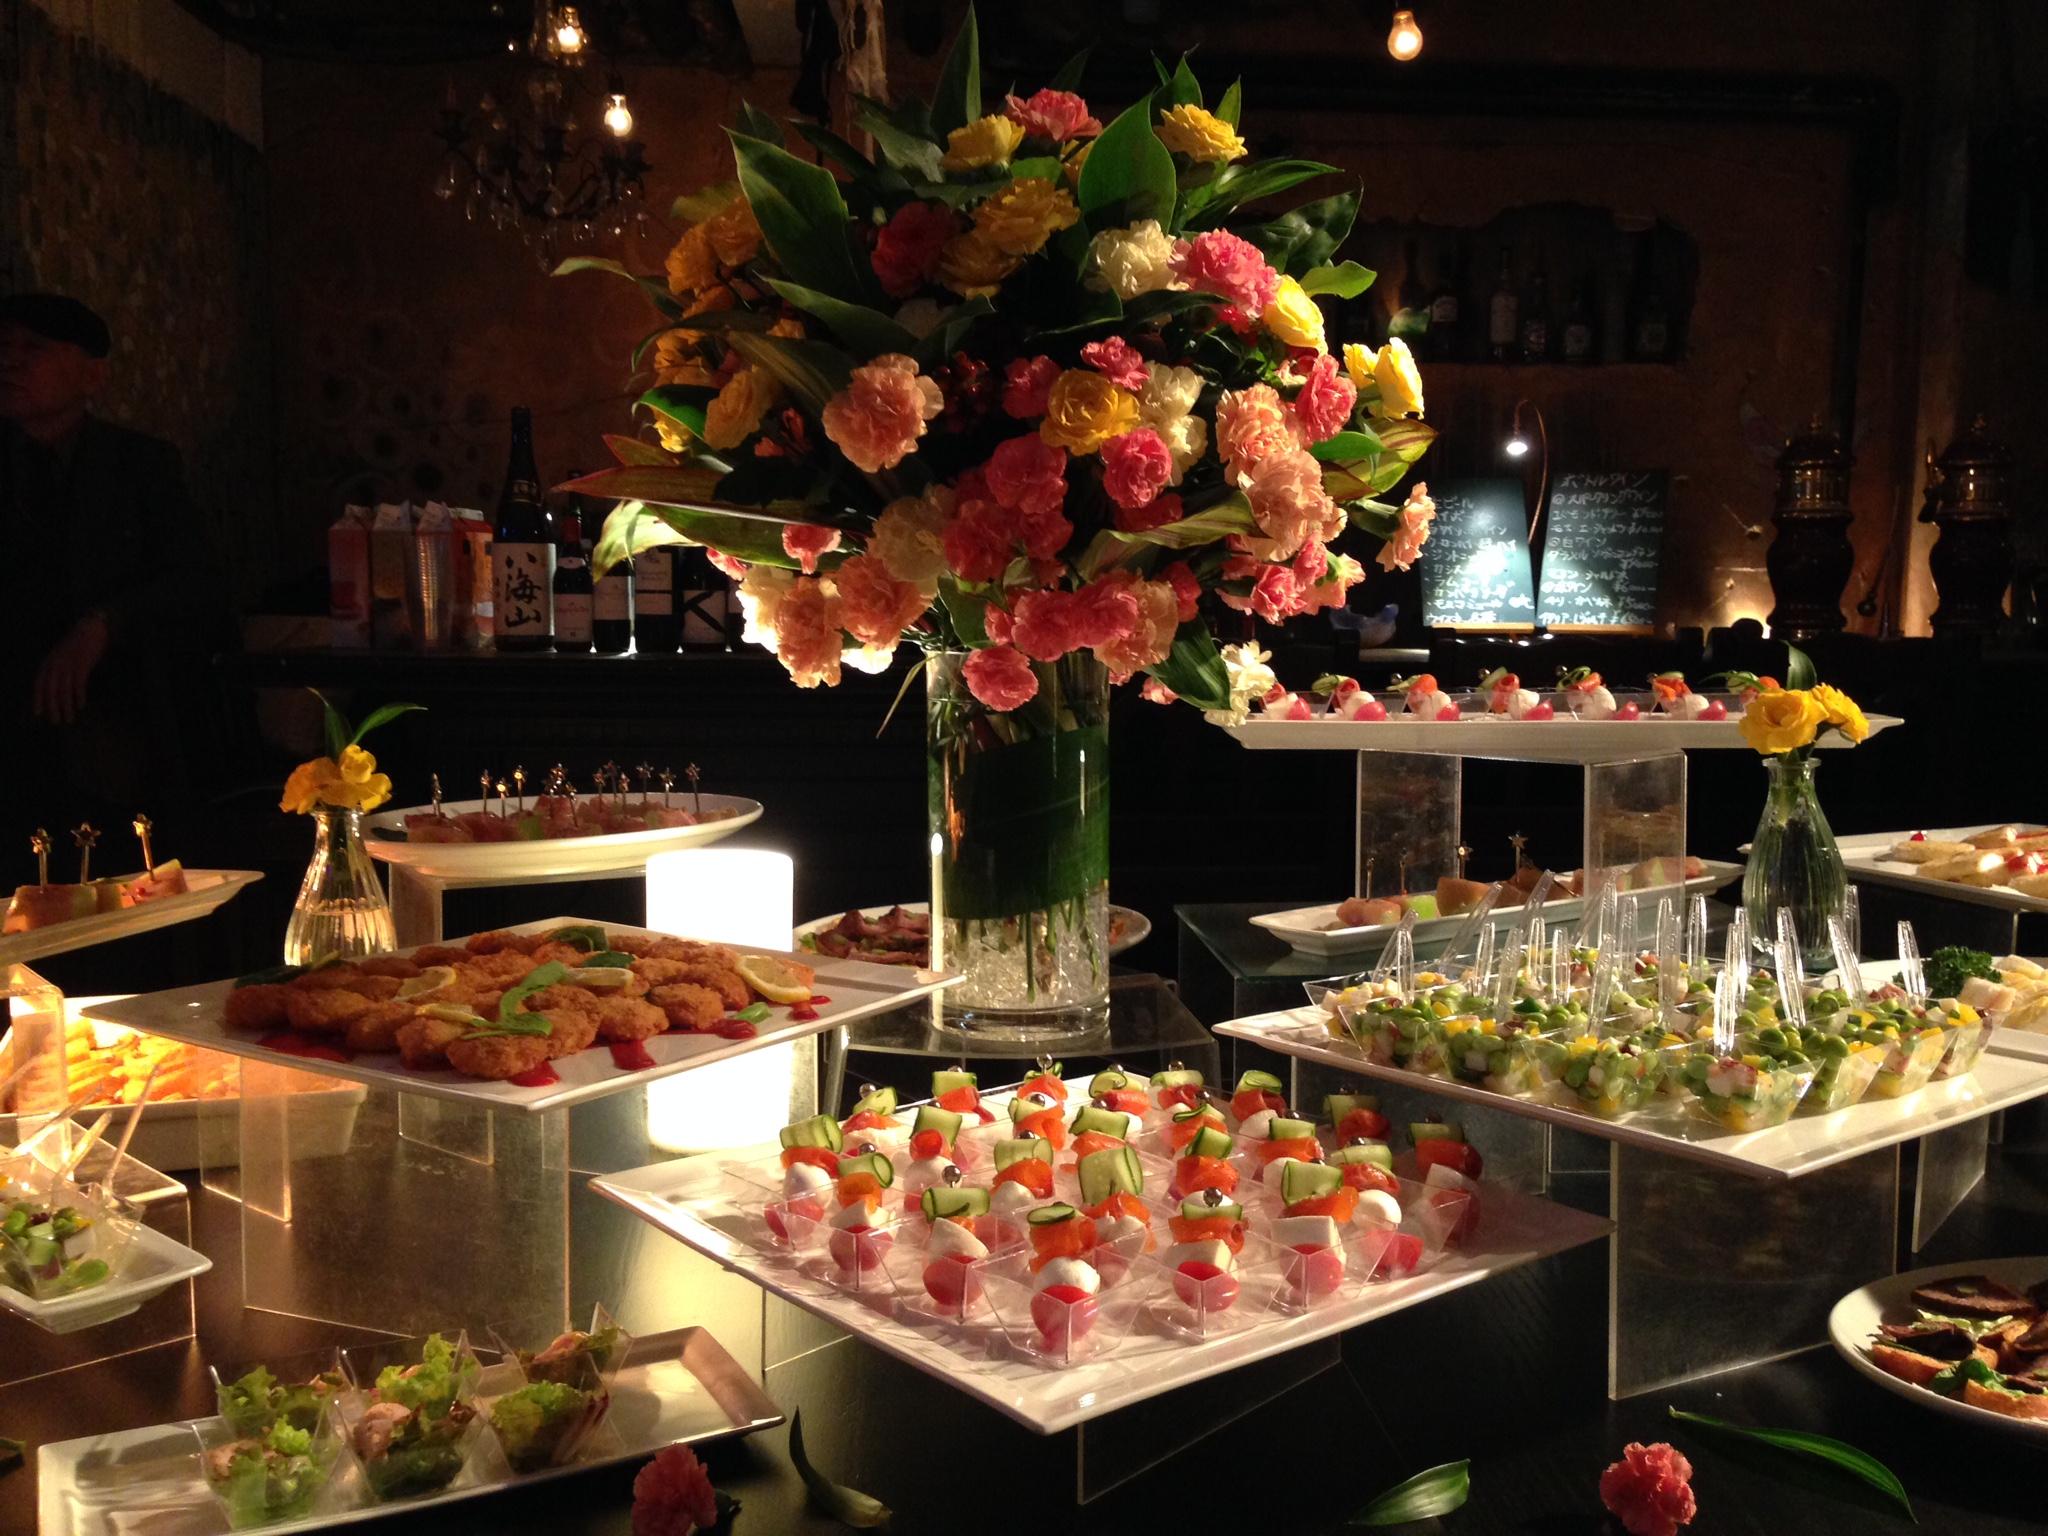 華やか 食べやすい フィンガーフードプランでケータリングパーティはいかがでしょうか♪